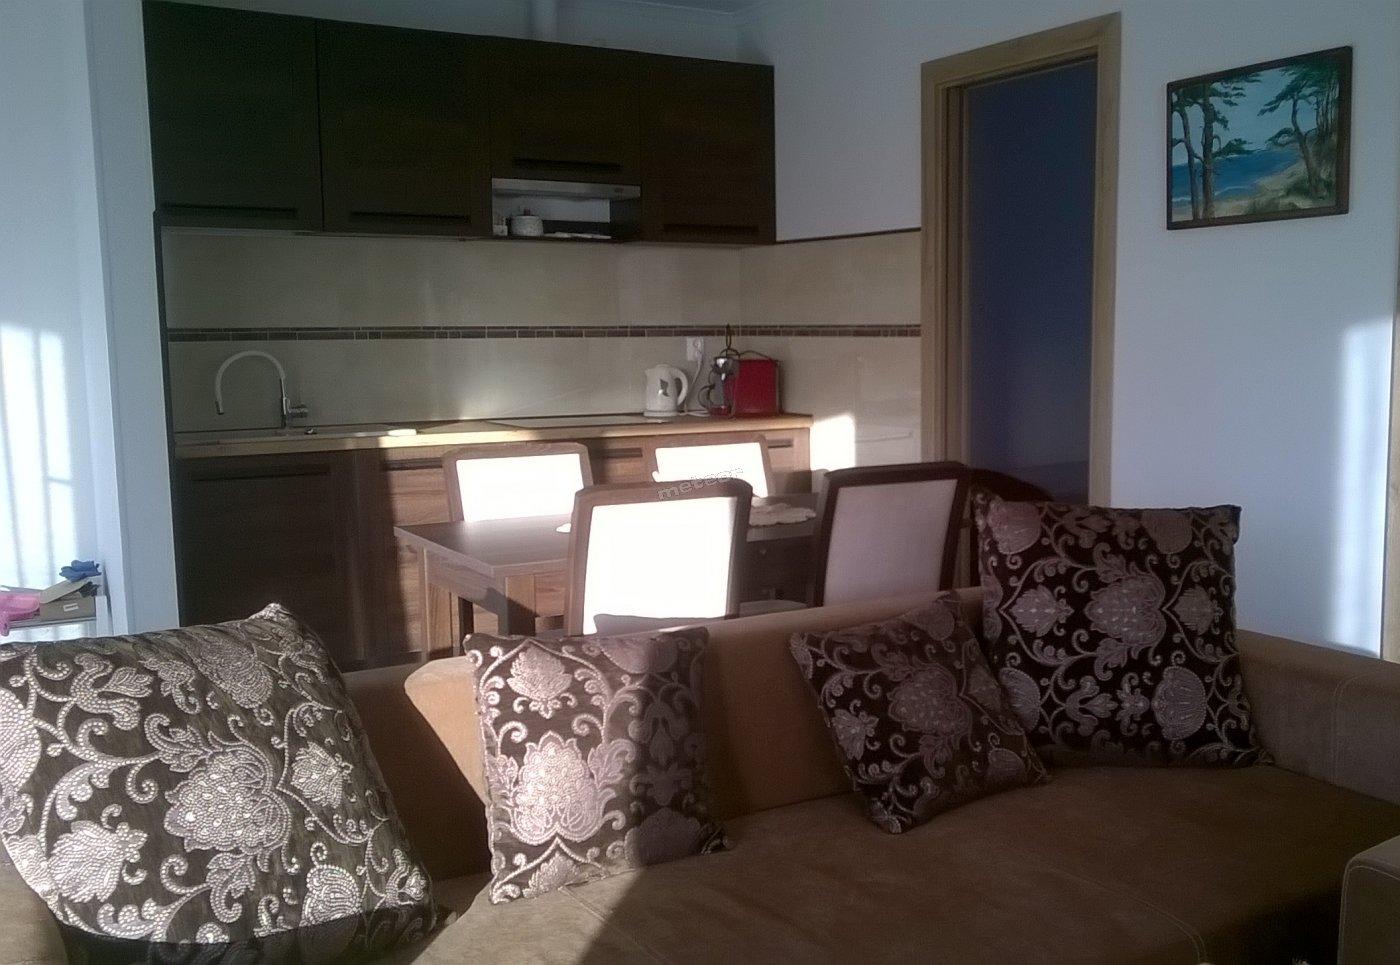 rozkładana sofa w salonie,wi fi i tv z netflixem